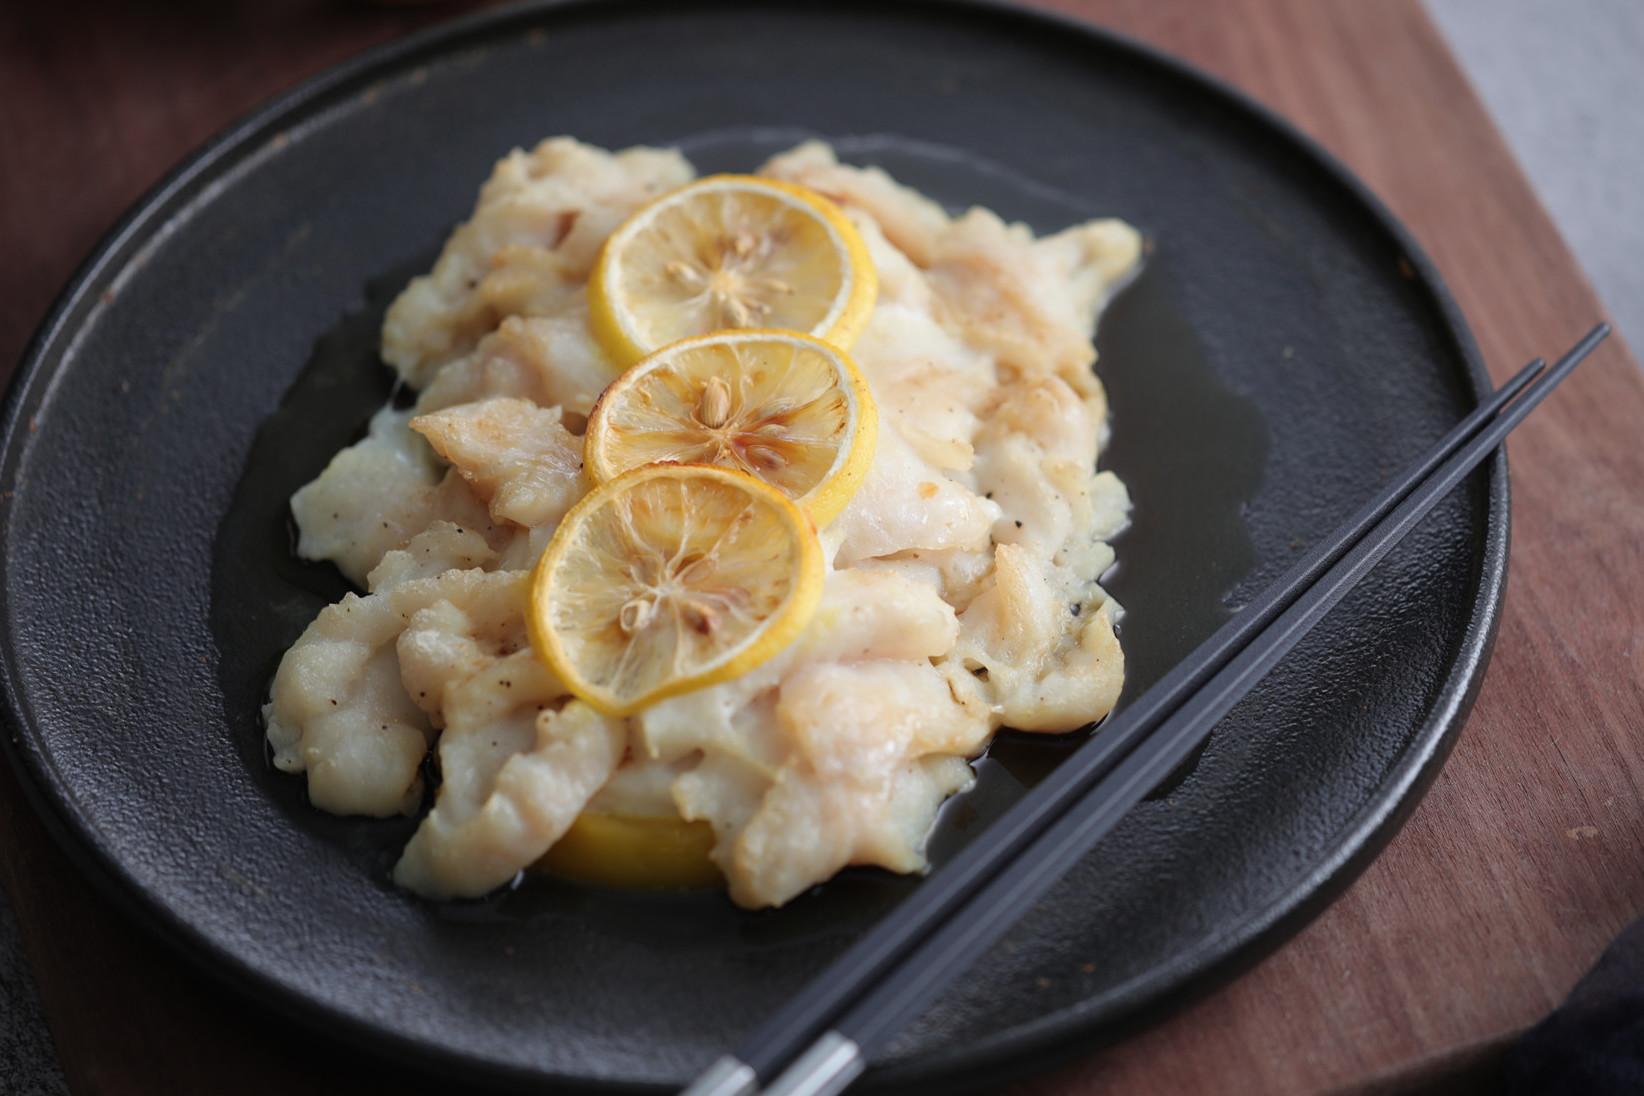 龙利鱼既蒸又烤,加入柠檬,酸甜可口,特别鲜